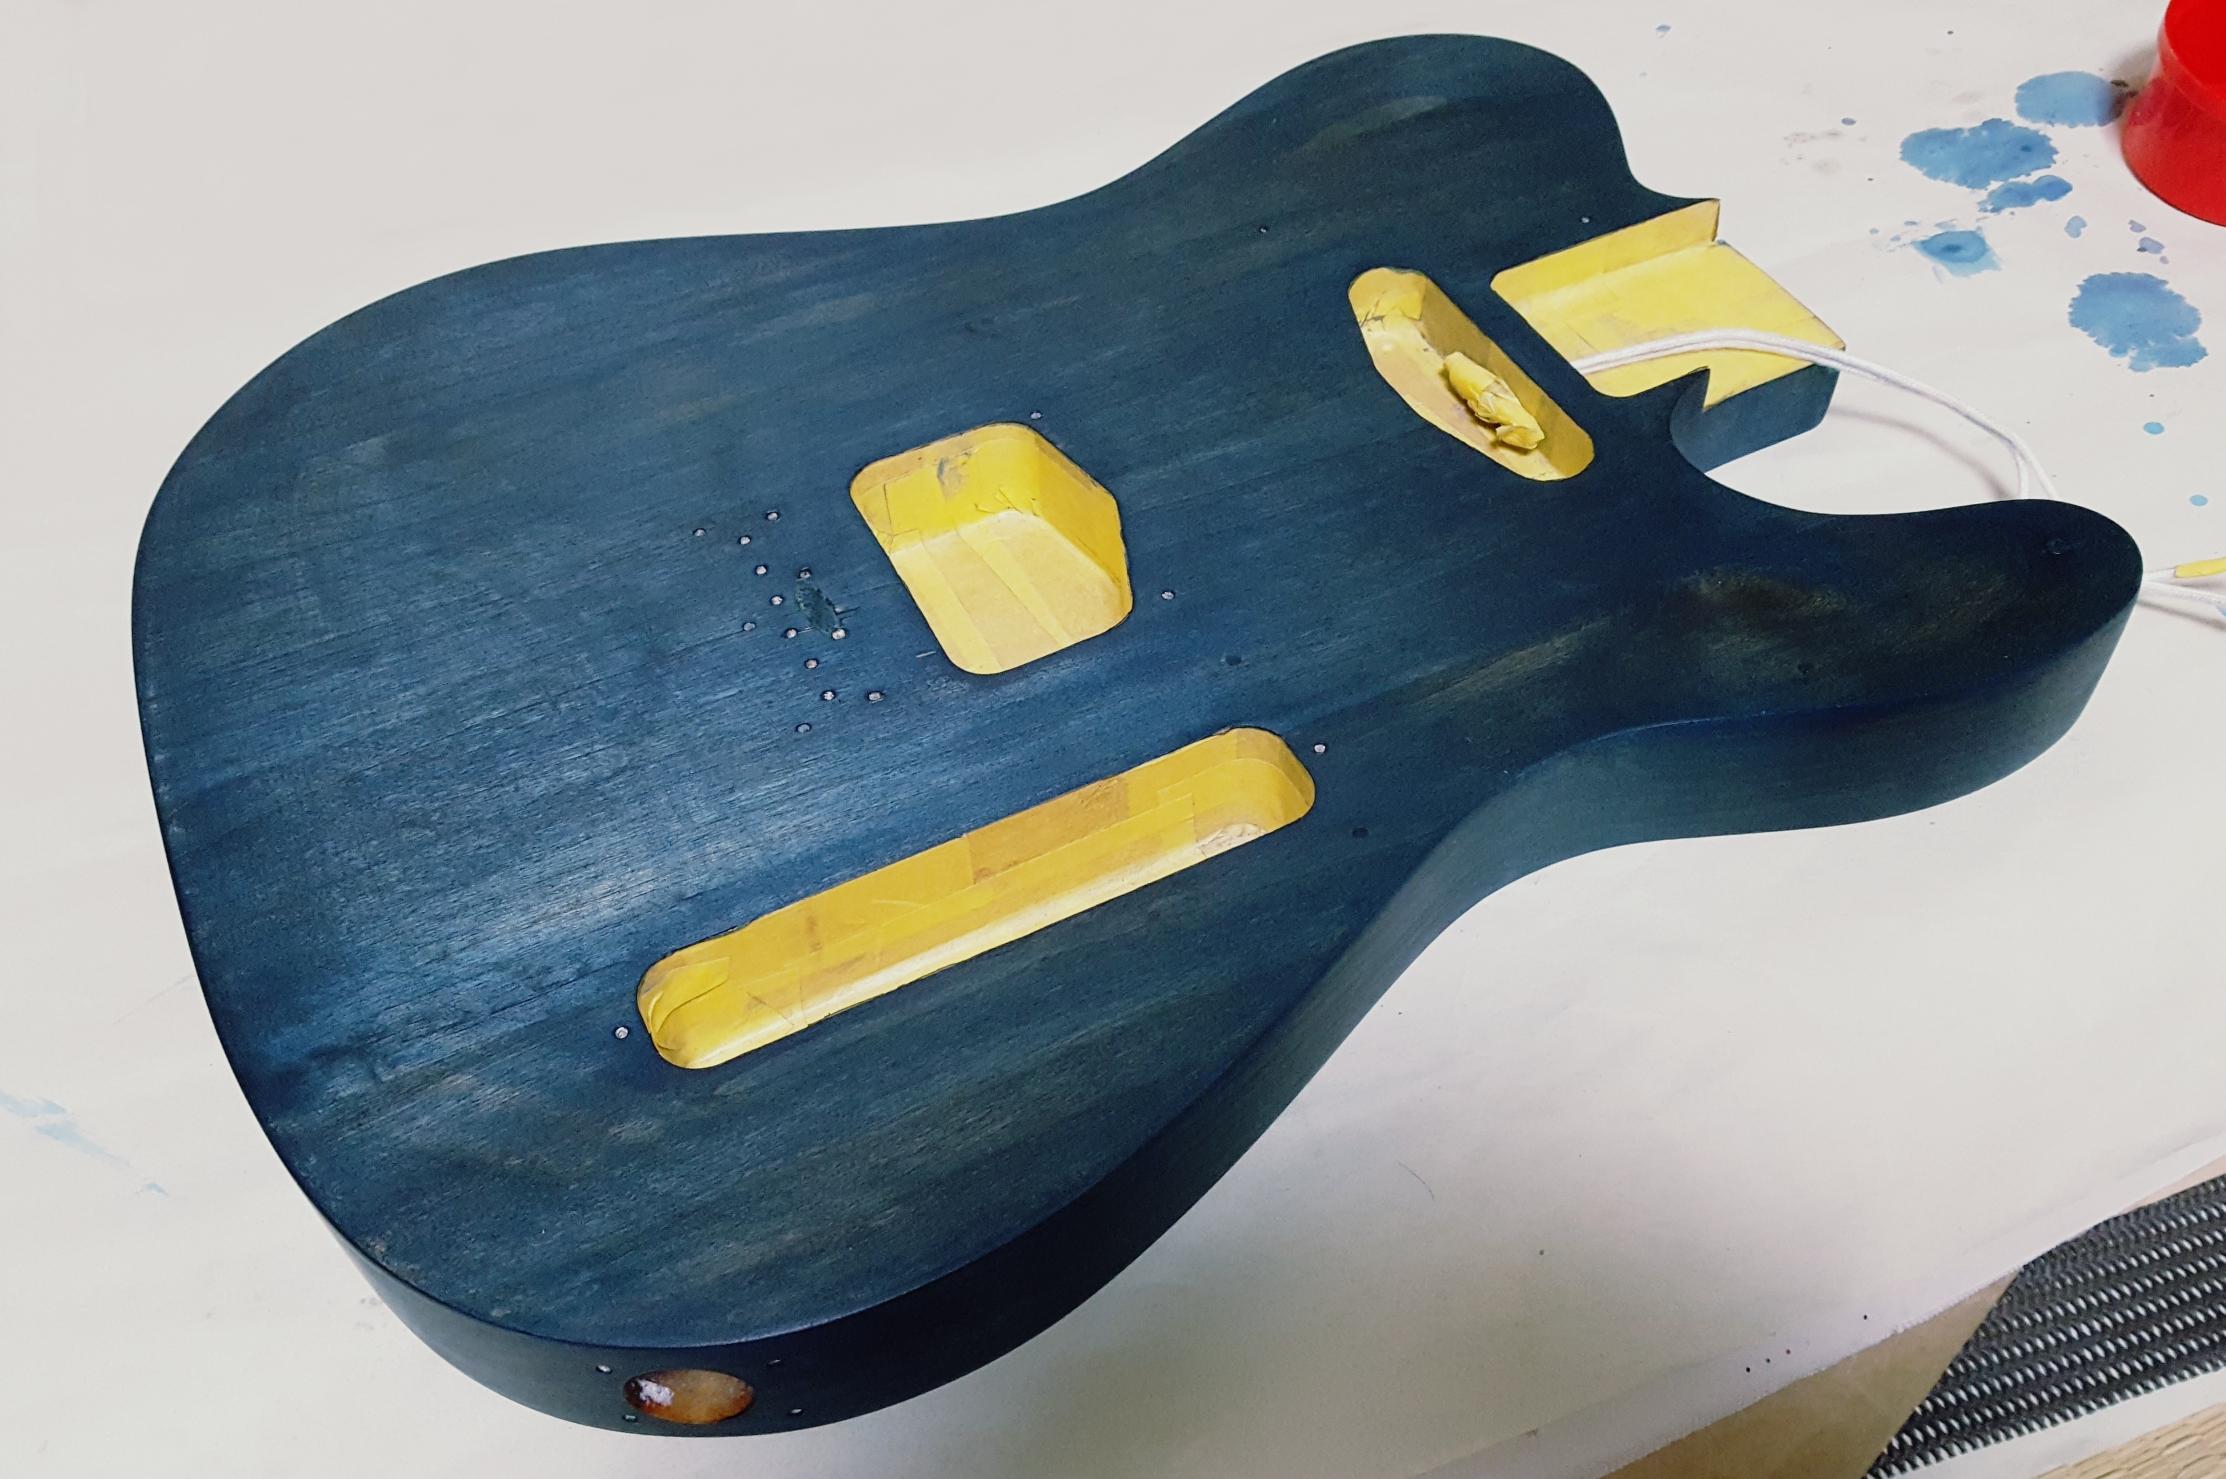 ギターオイルフィニッシュ  3回目